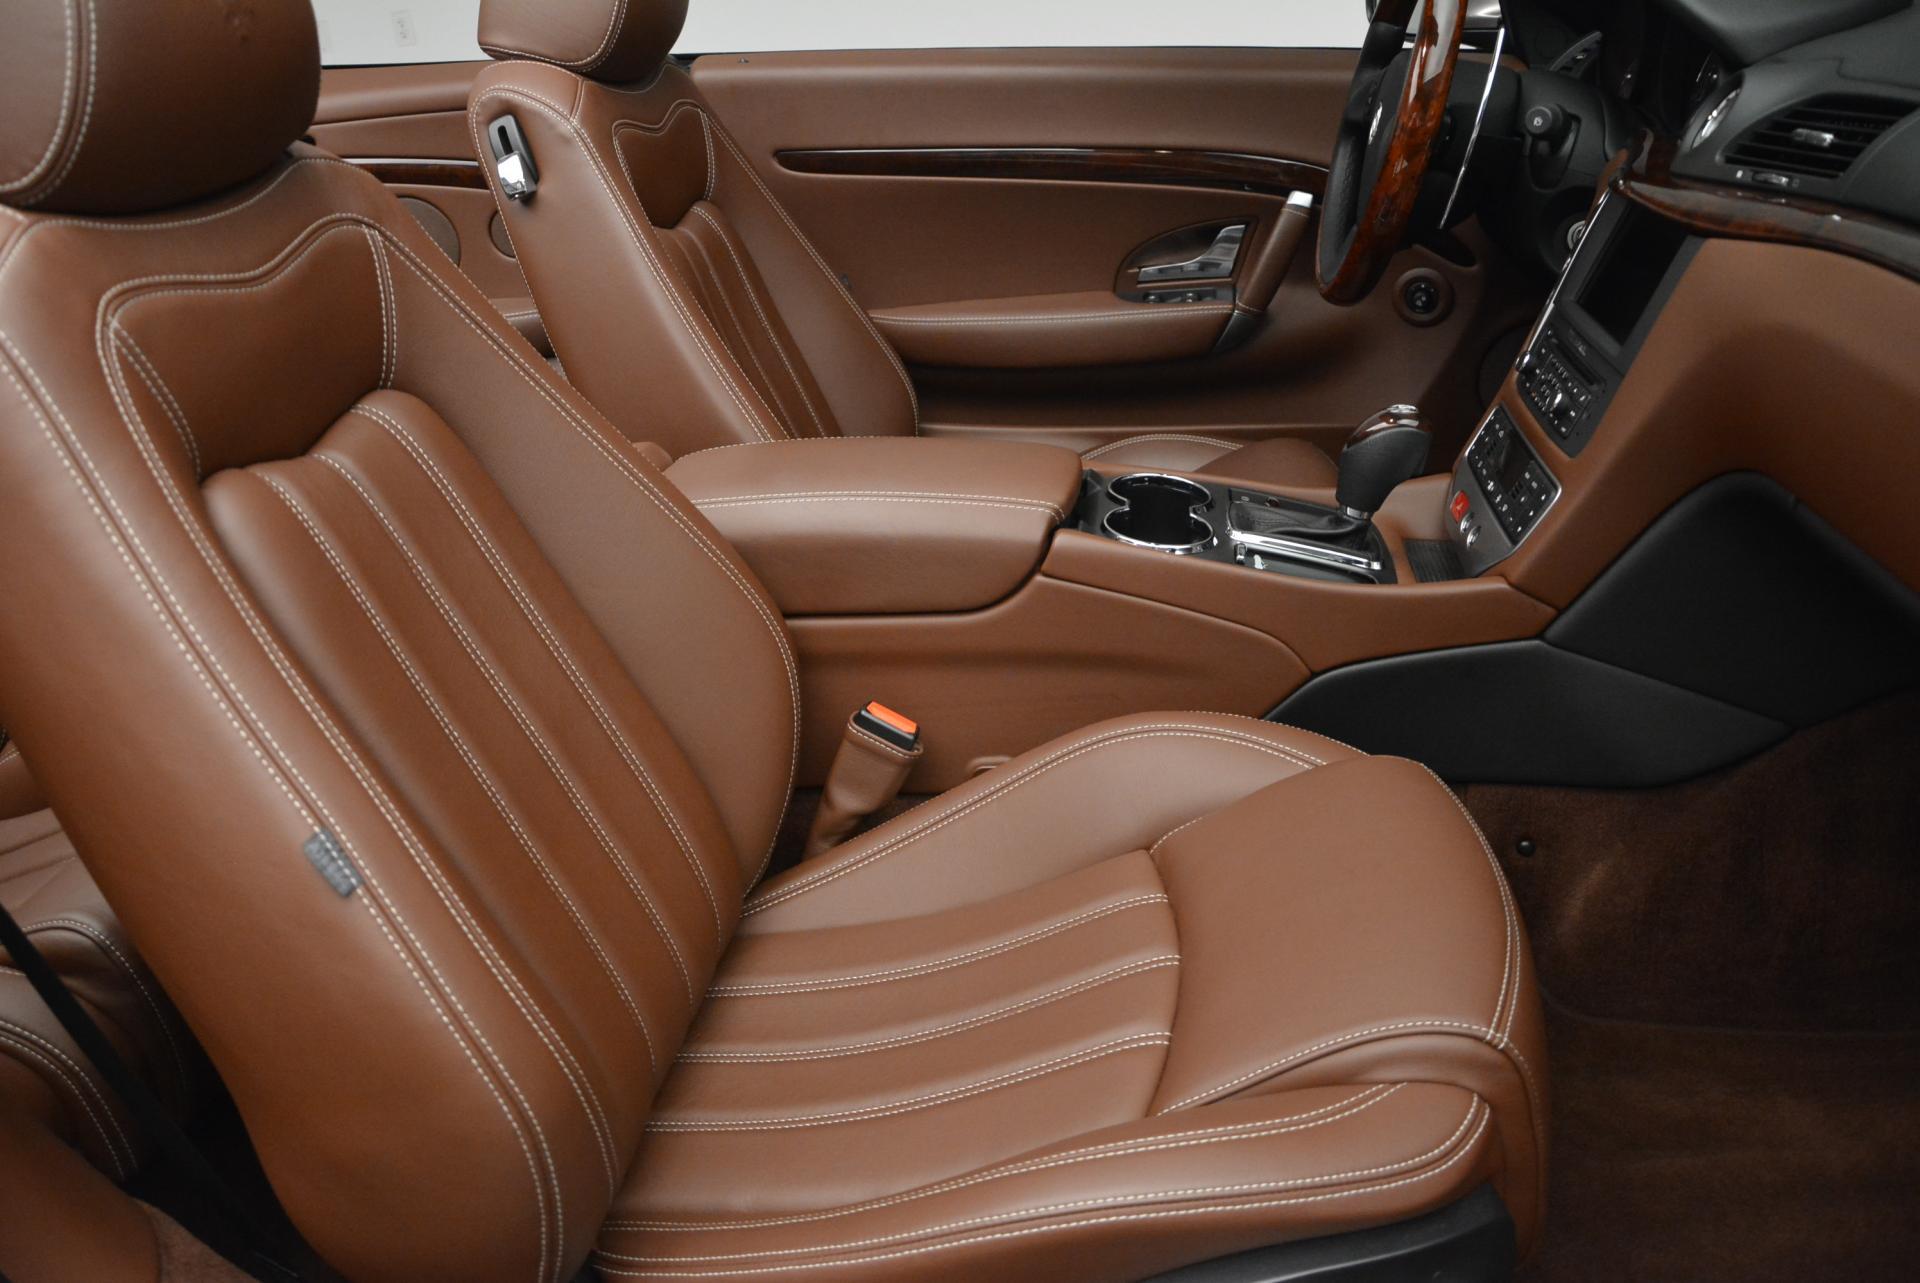 Used 2012 Maserati GranTurismo  For Sale In Westport, CT 157_p27